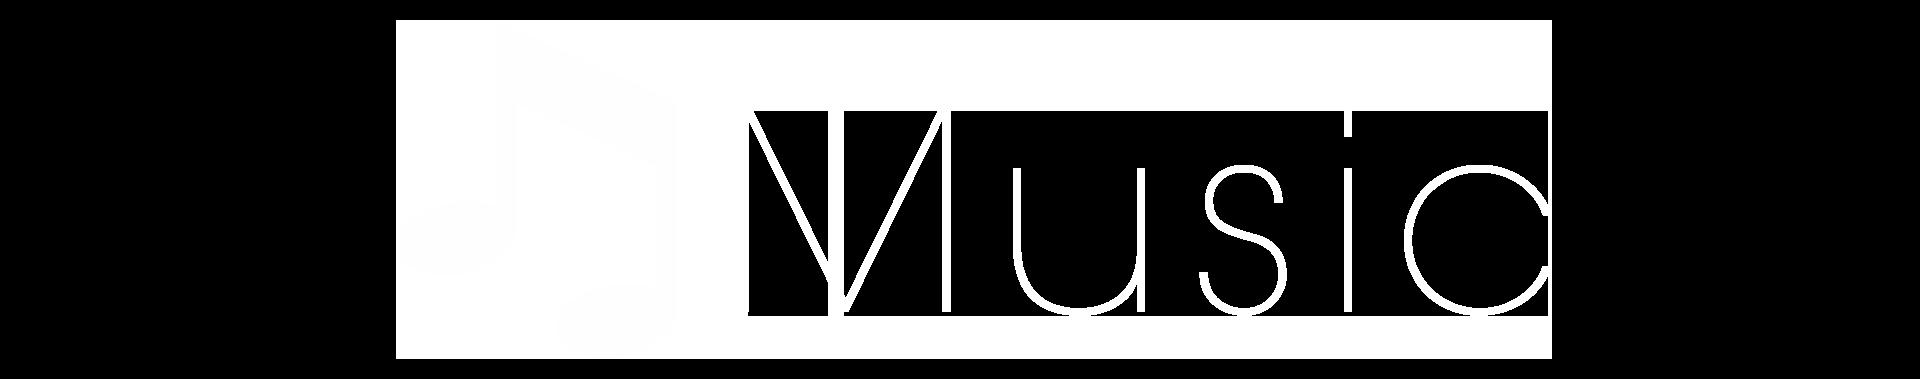 AHMusic.png